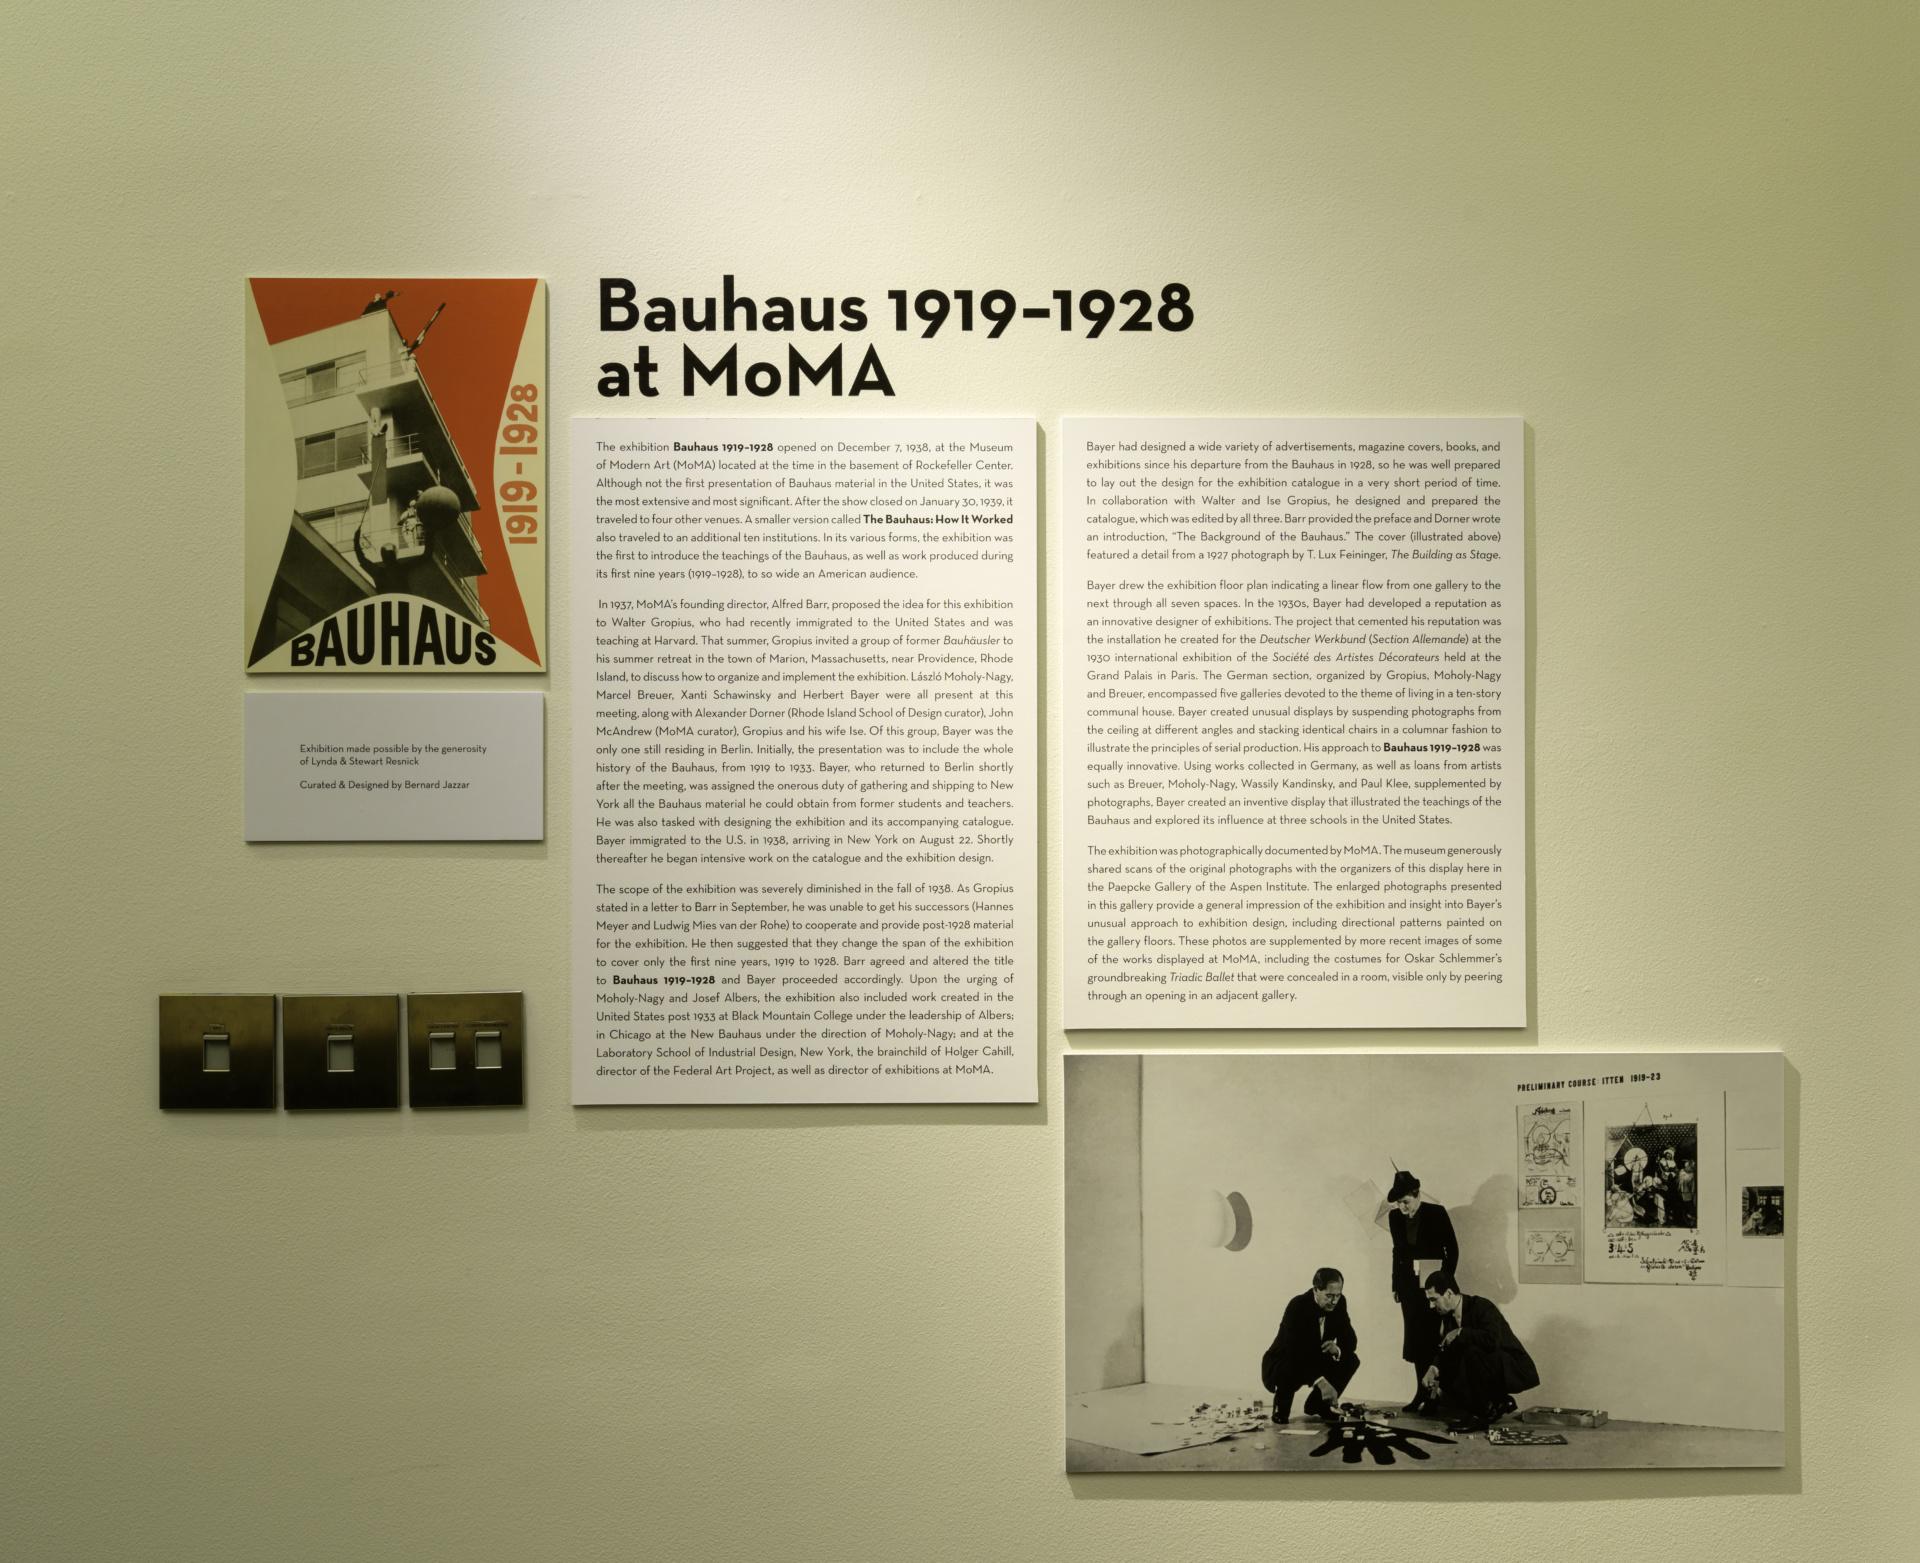 Bauhaus 1919-1928